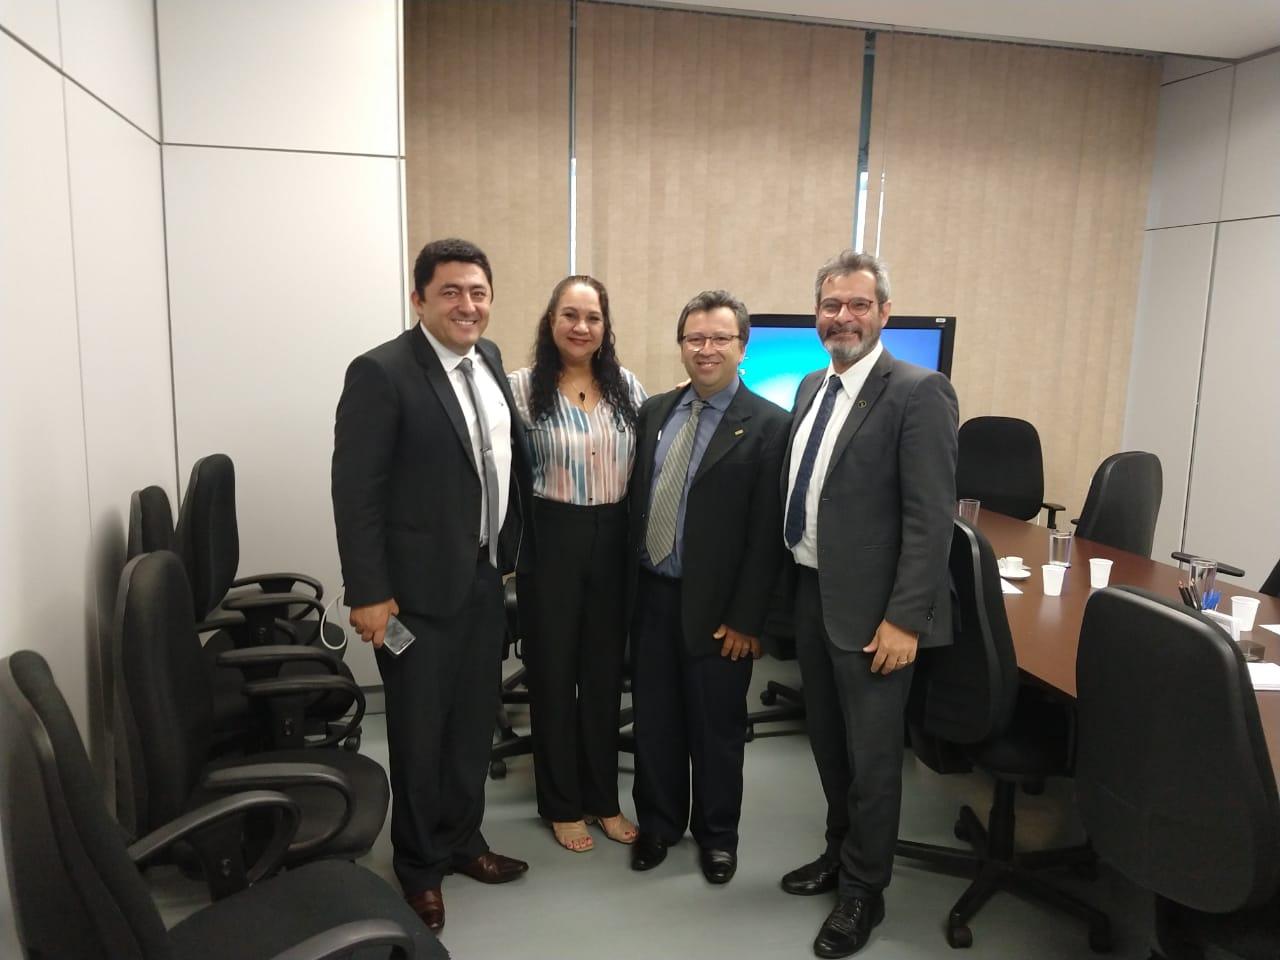 Undime participa de reunião no MEC para tratar de atualizações no sistema do PAR